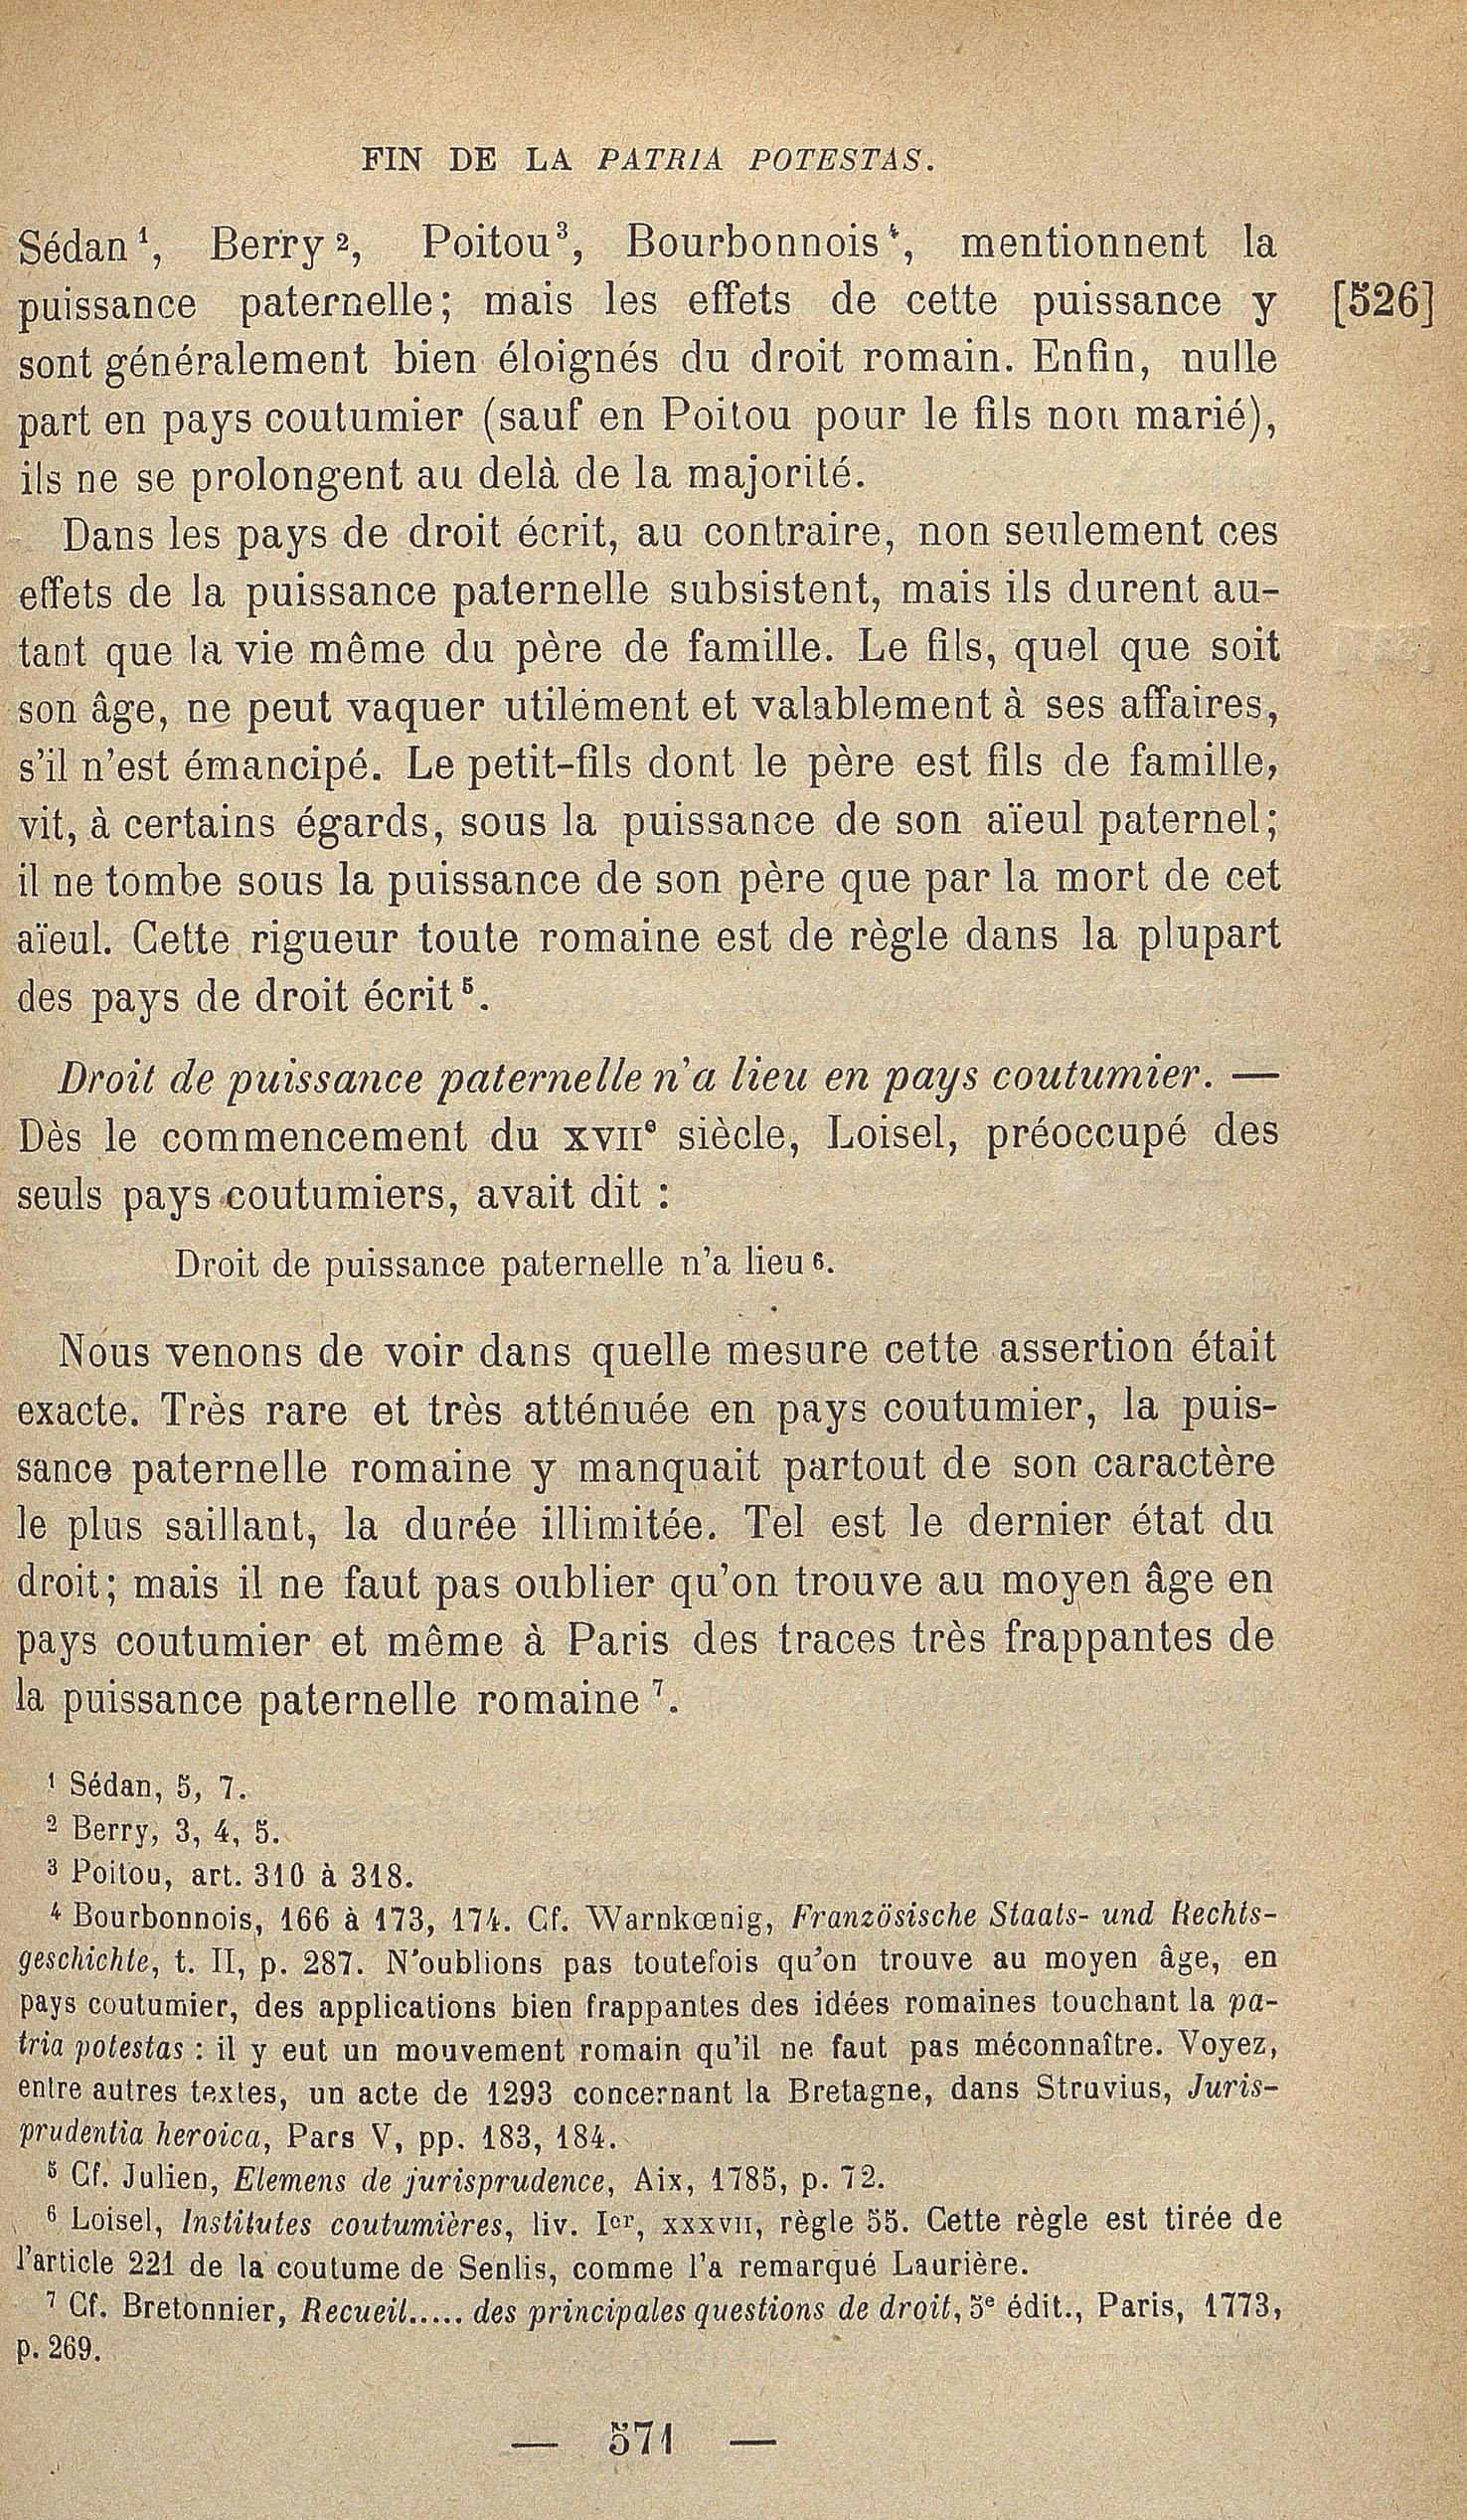 http://expo-paulviollet.univ-paris1.fr/wp-content/uploads/2016/02/0605121670_0581.jpg